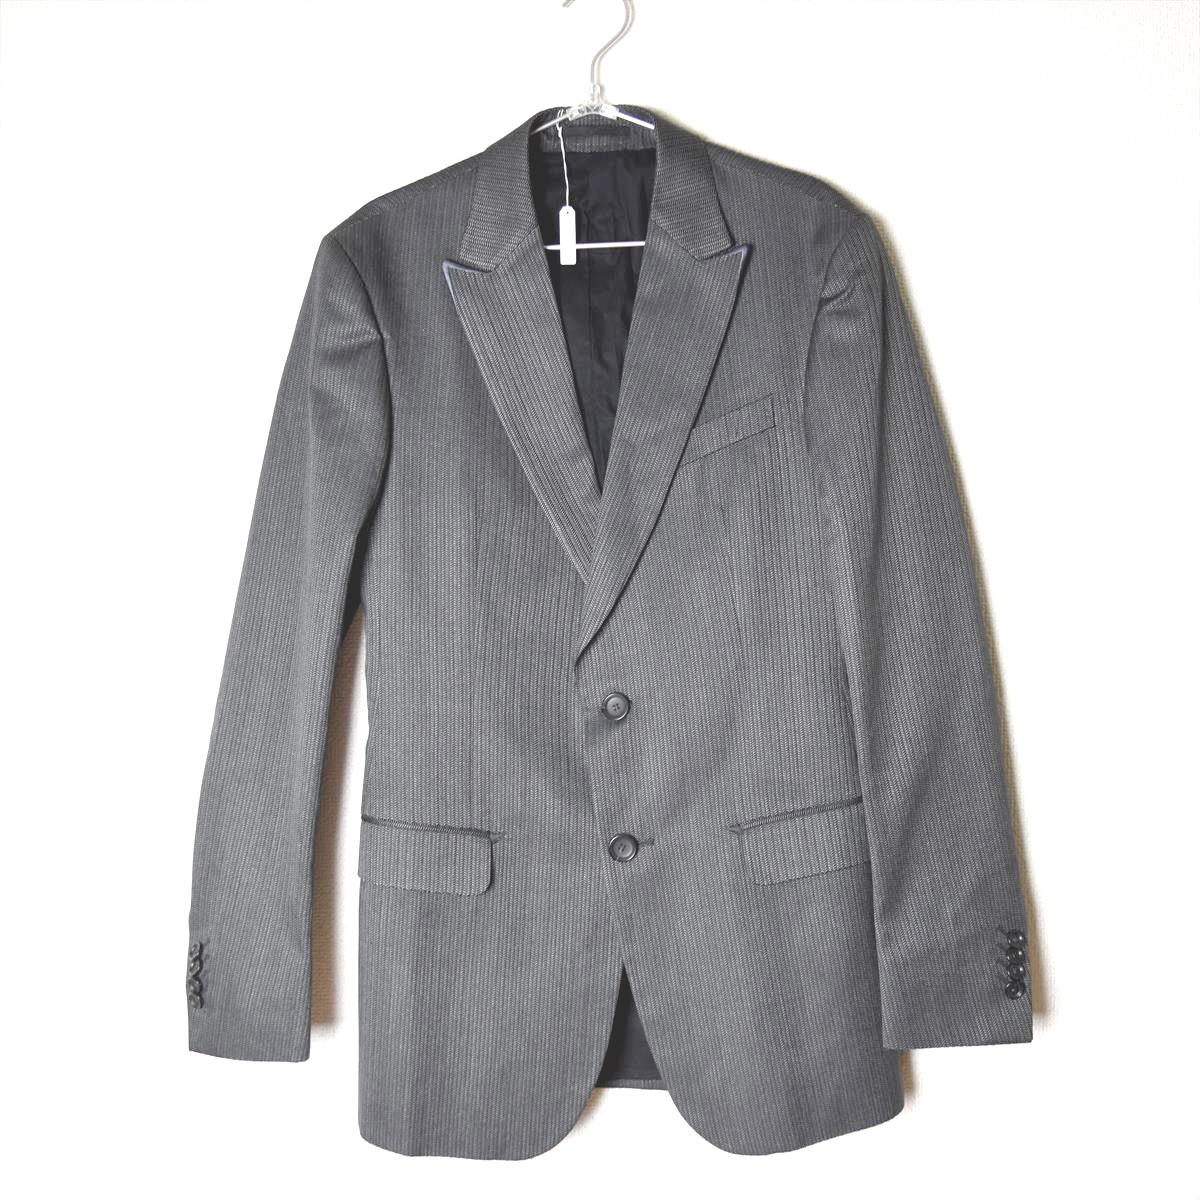 【中古】 ZZegna ジー・ゼニア メンズ セットアップ スーツ ジャケット ボトムス 59%コットン 41%シルク